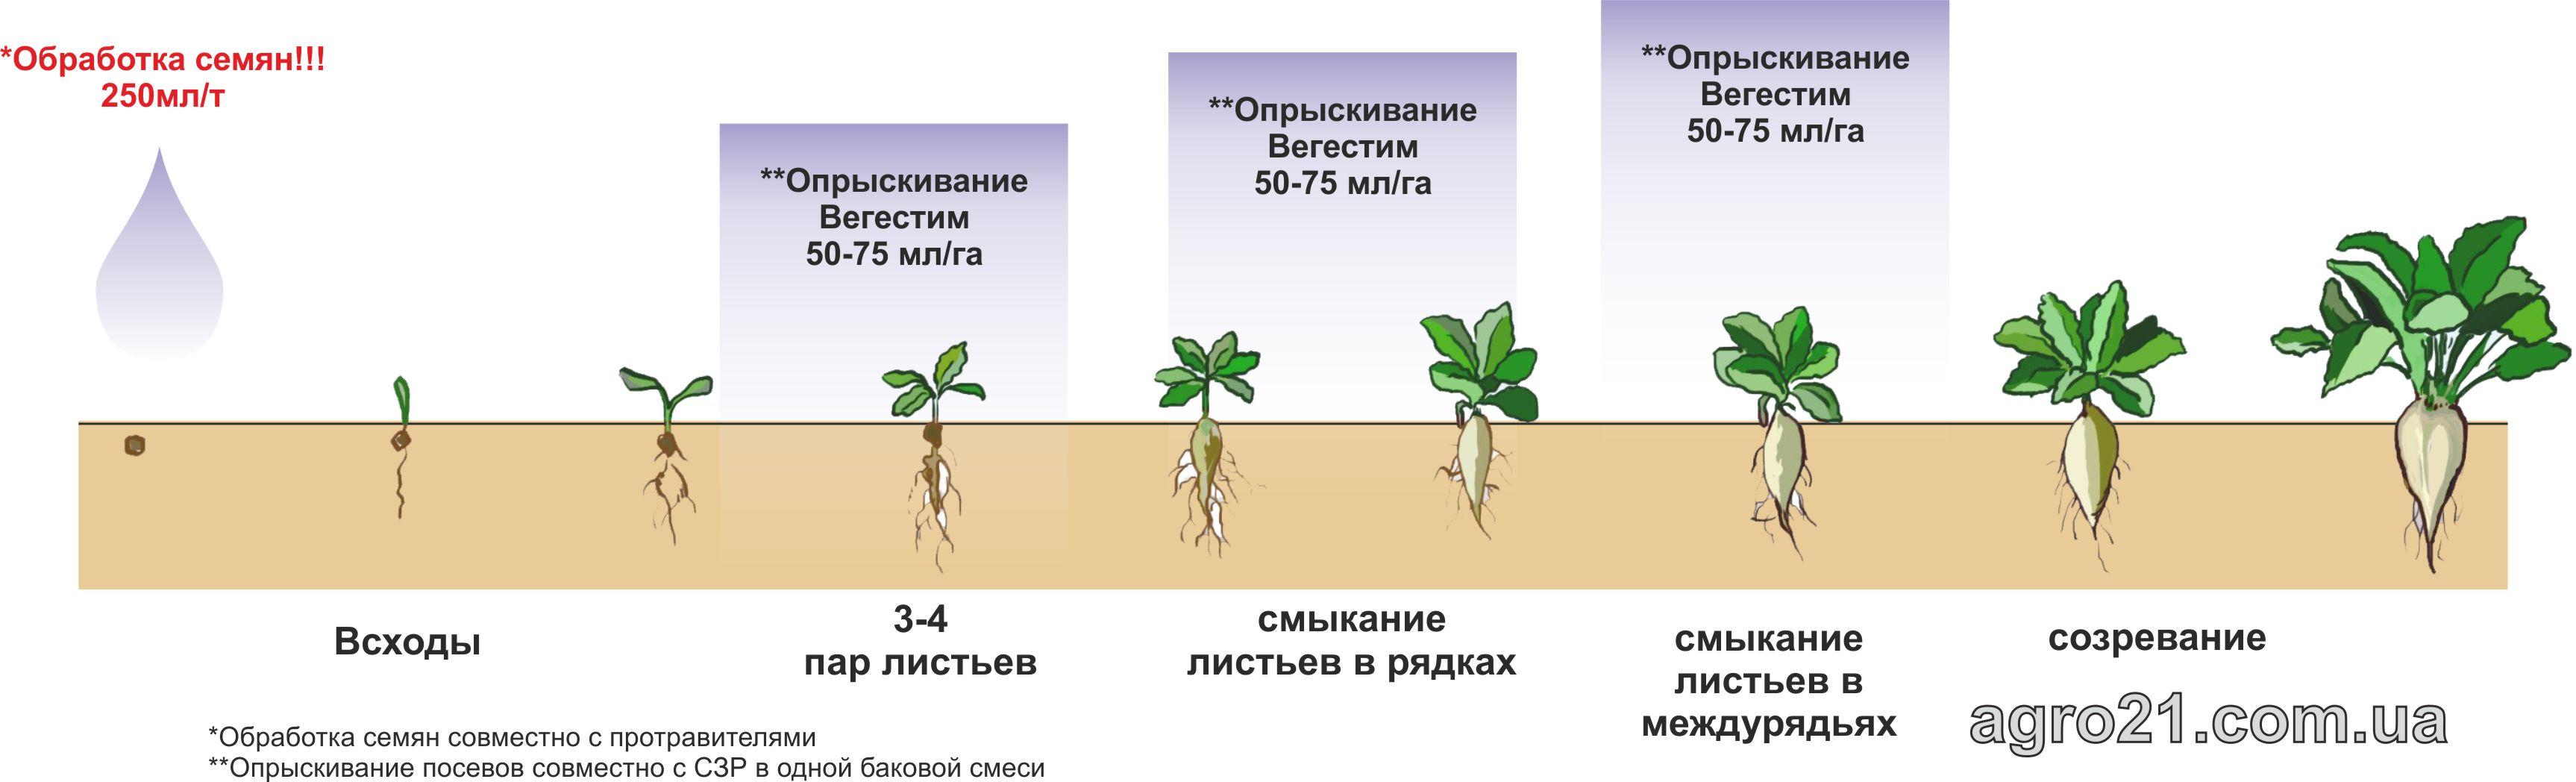 Вегестим. Схема застосування стимулятору росту рослин на посівах цукрових буряків